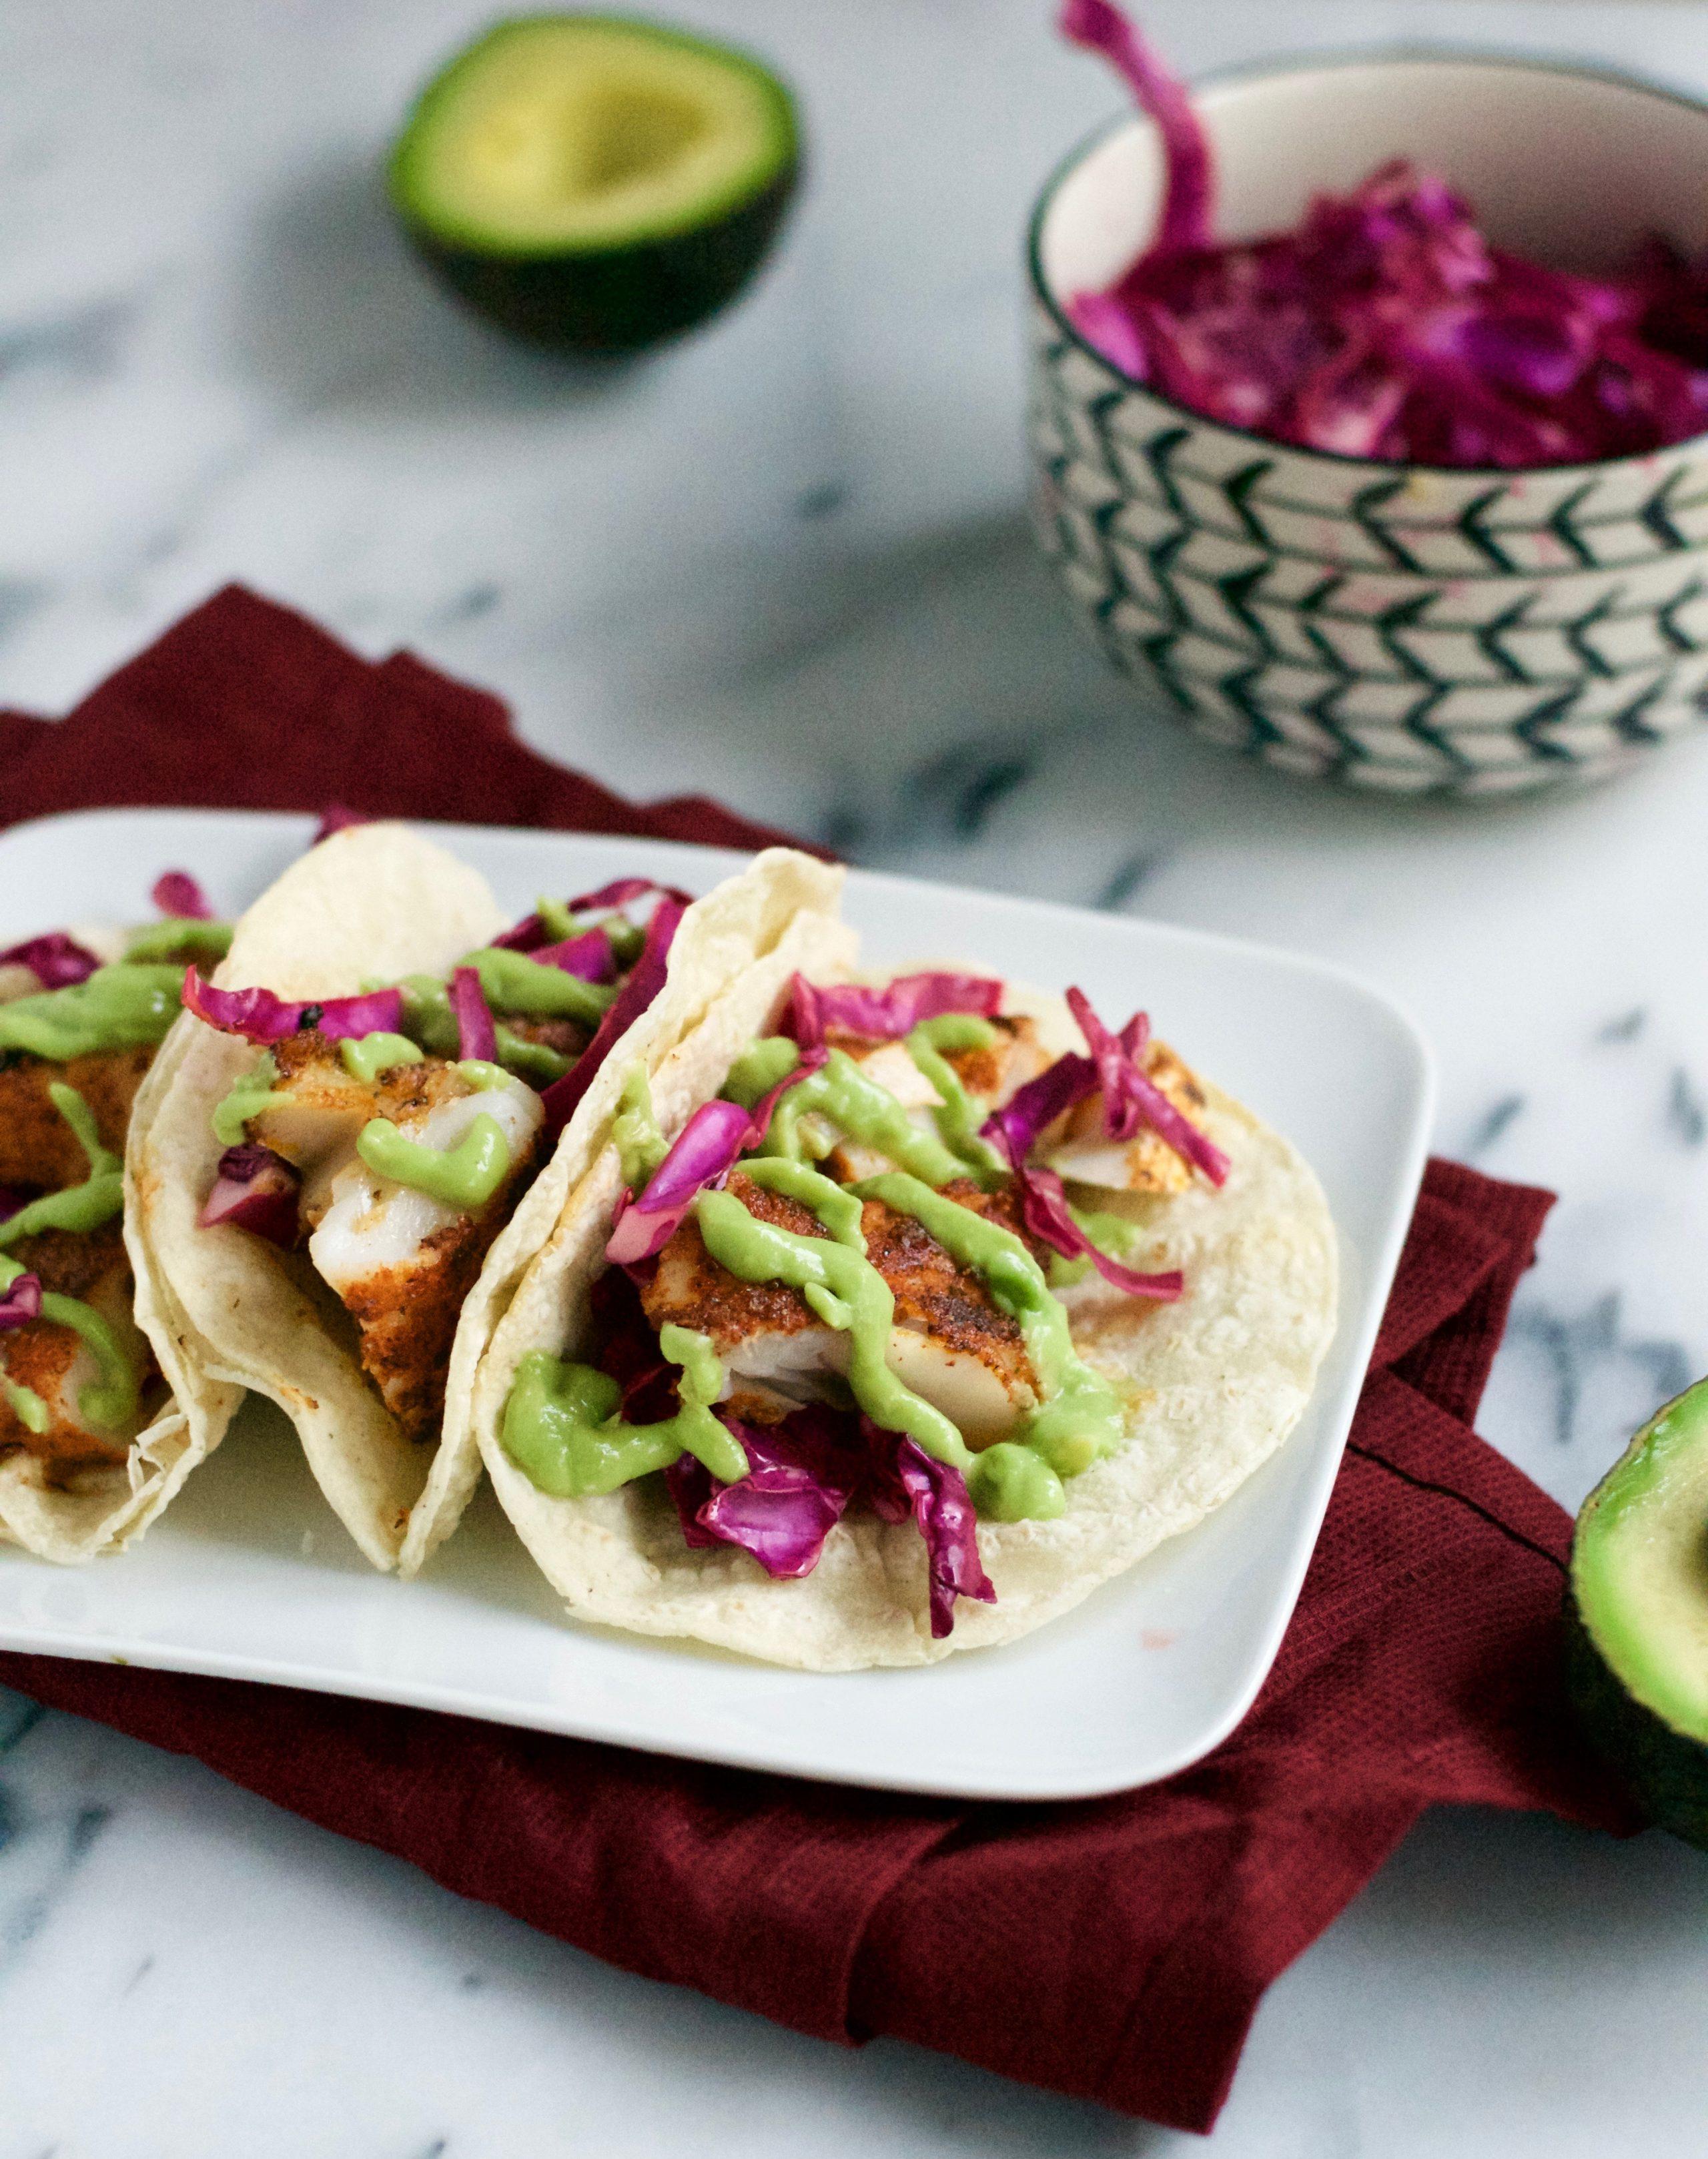 Blackened Fish Tacos with Avocado Crema (GF, DF) - A Dash of Megnut